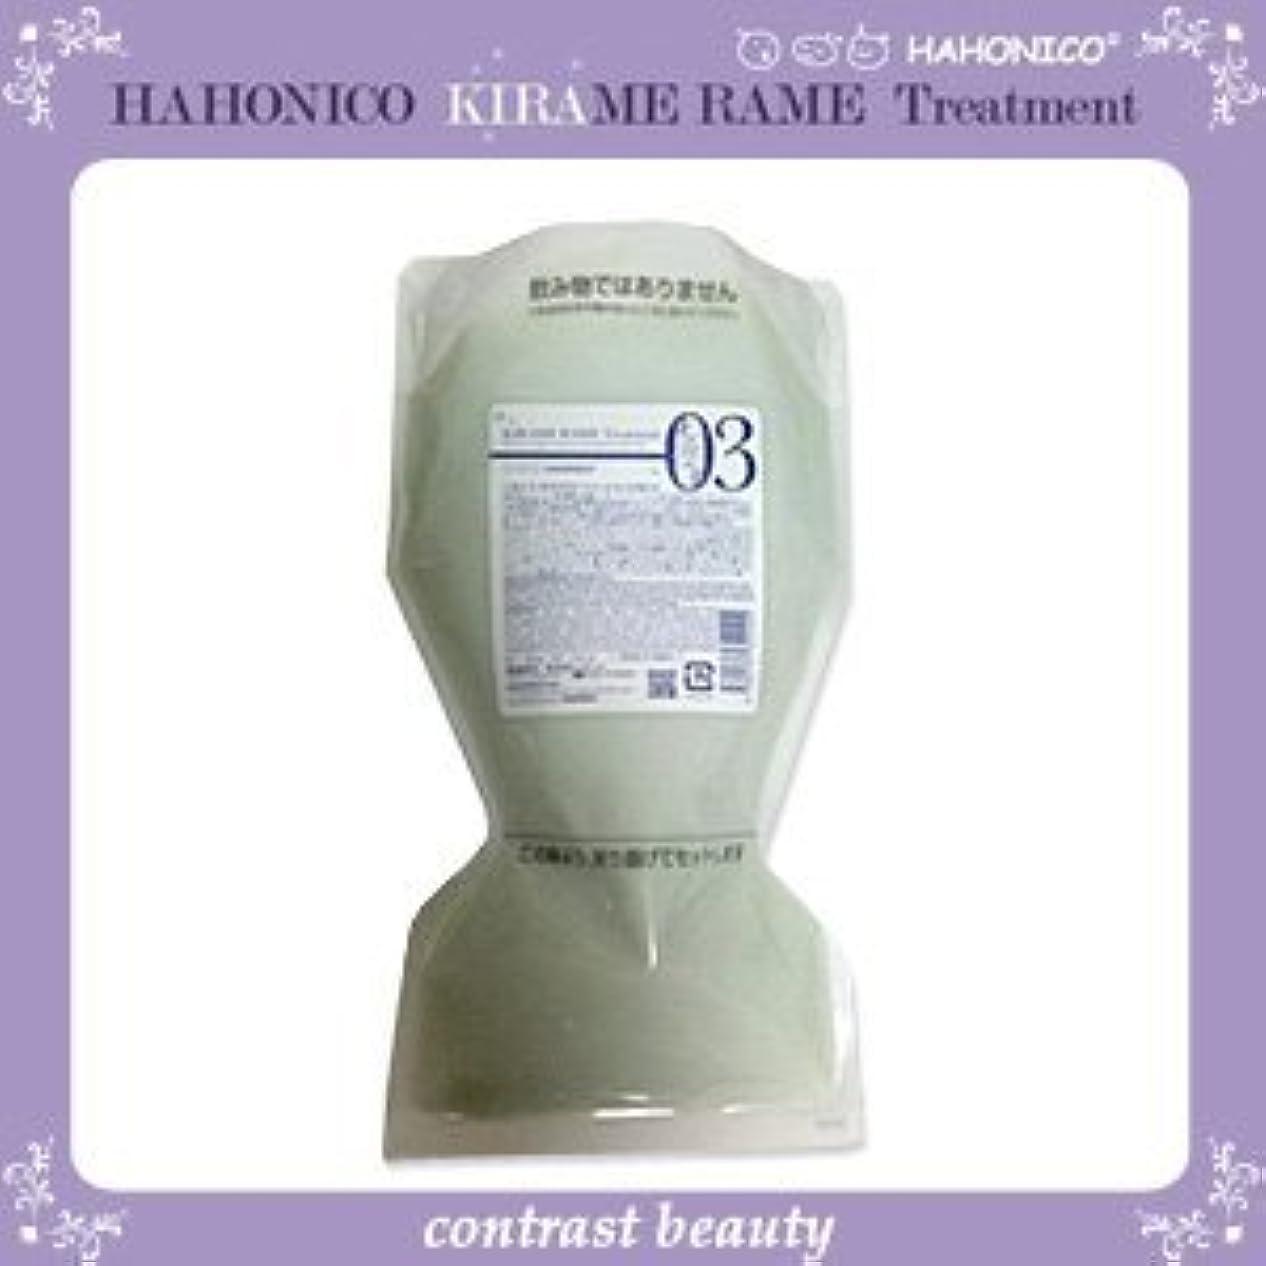 絞るカーテン活気づけるハホニコ キラメラメ トリートメントNo.3 500g(詰め替え) KIRAME RAME HAHONICO